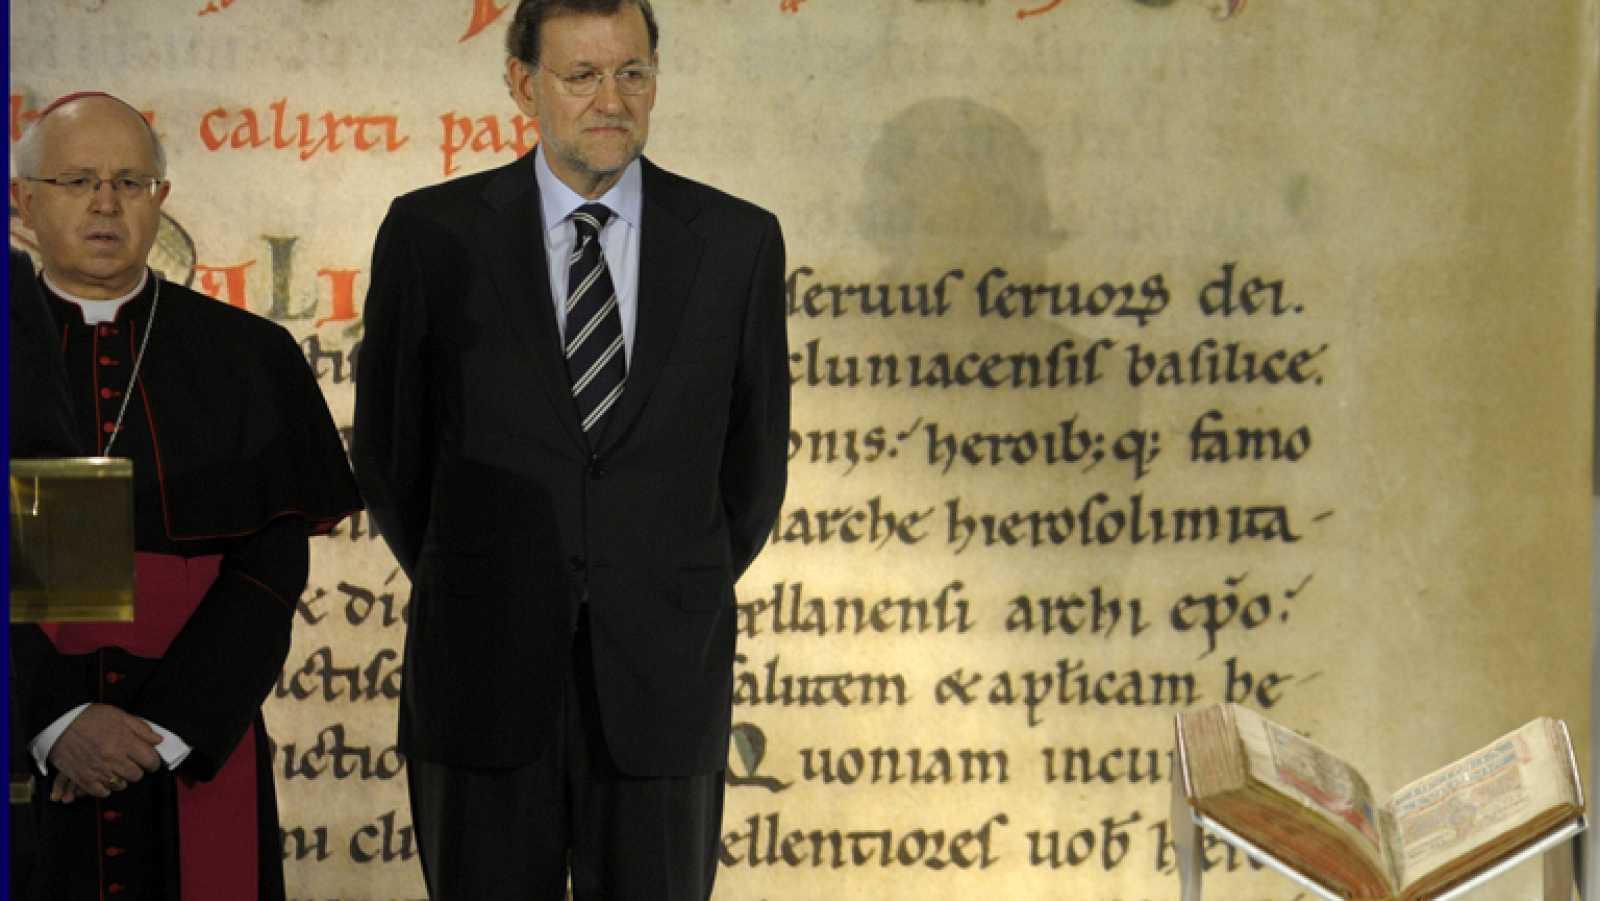 Rajoy y Feijoo asisten presiden el acto de devolución del Códice Calixtino en la Catedral de Santiago